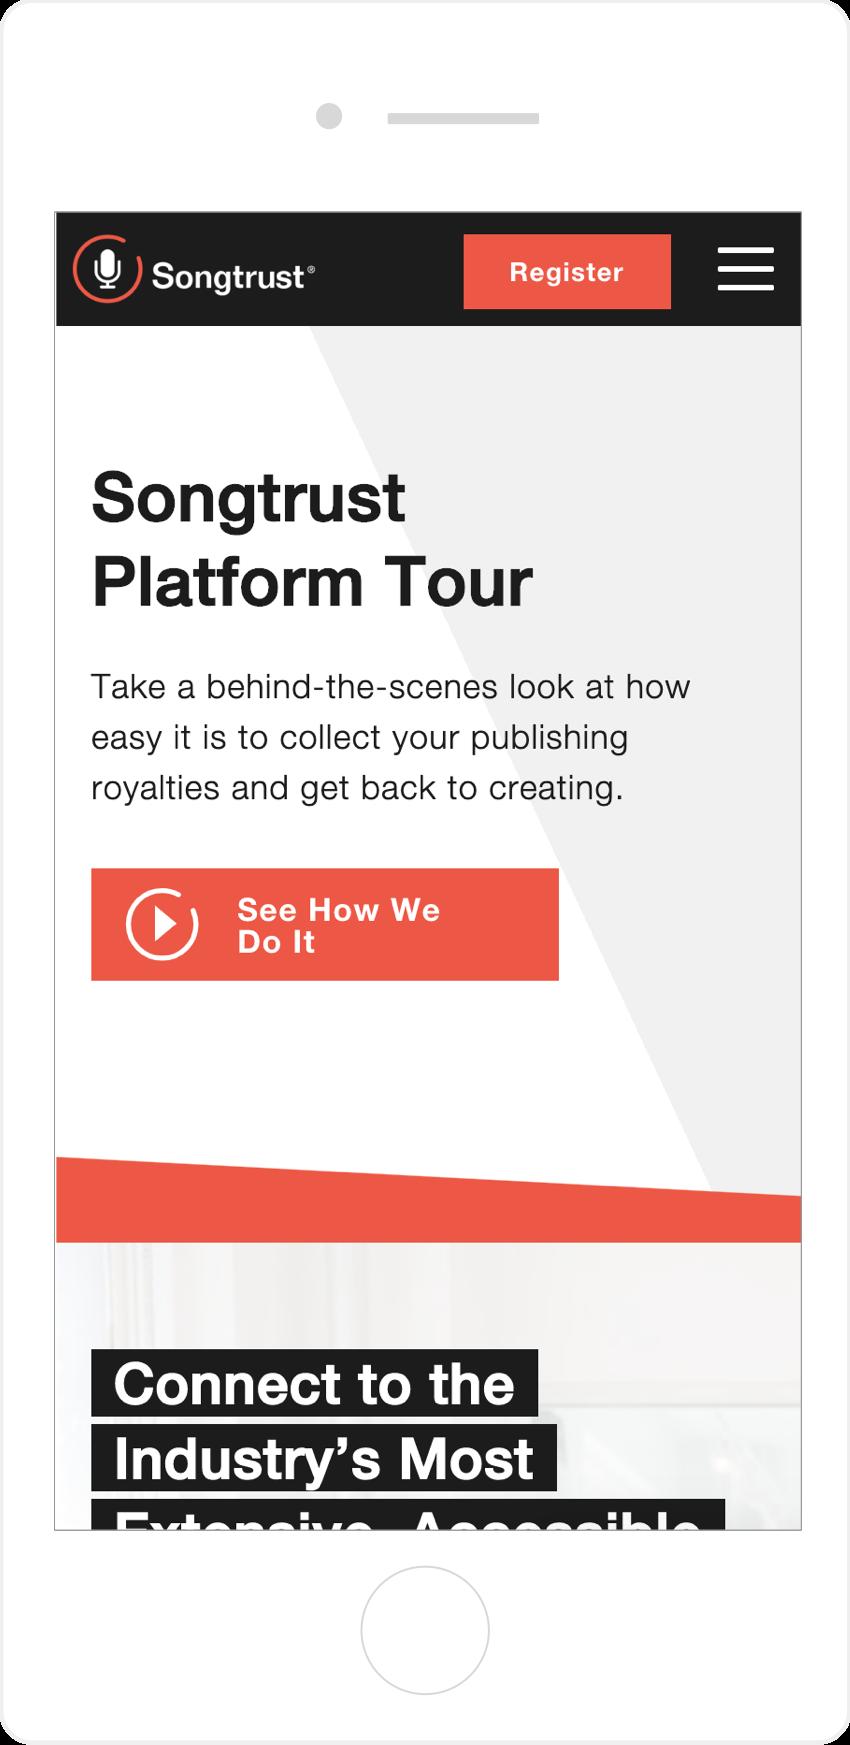 Mobile Responsive Website Songtrust